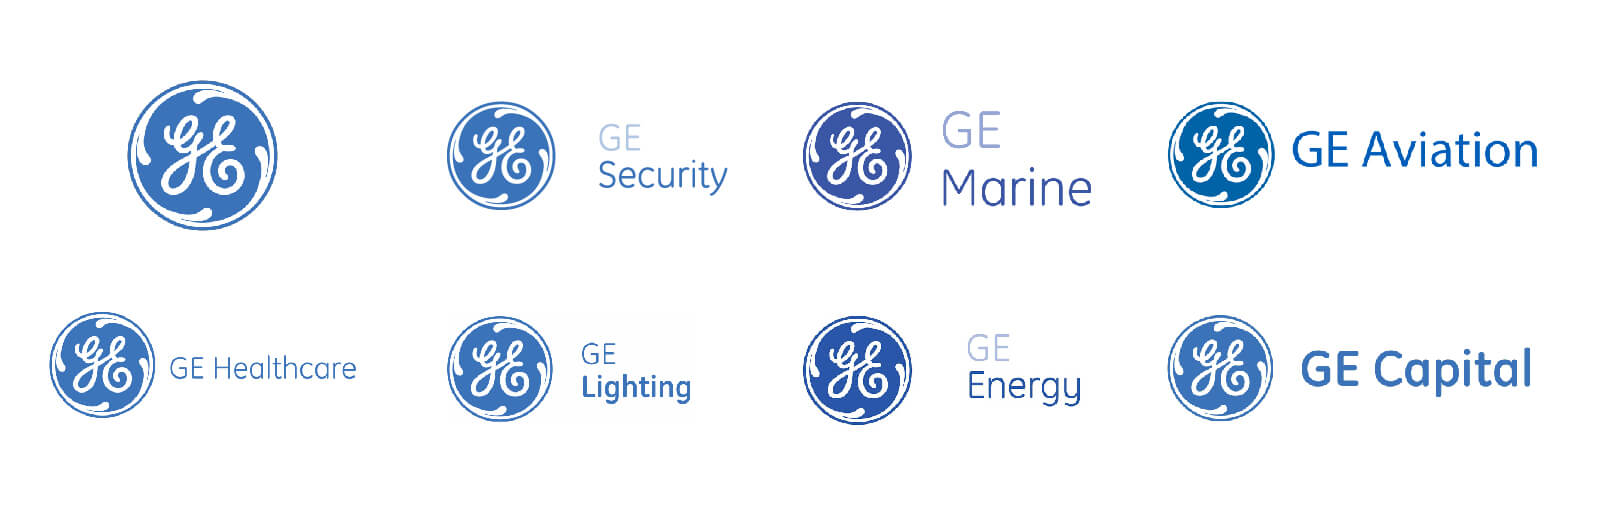 GE Brand logos